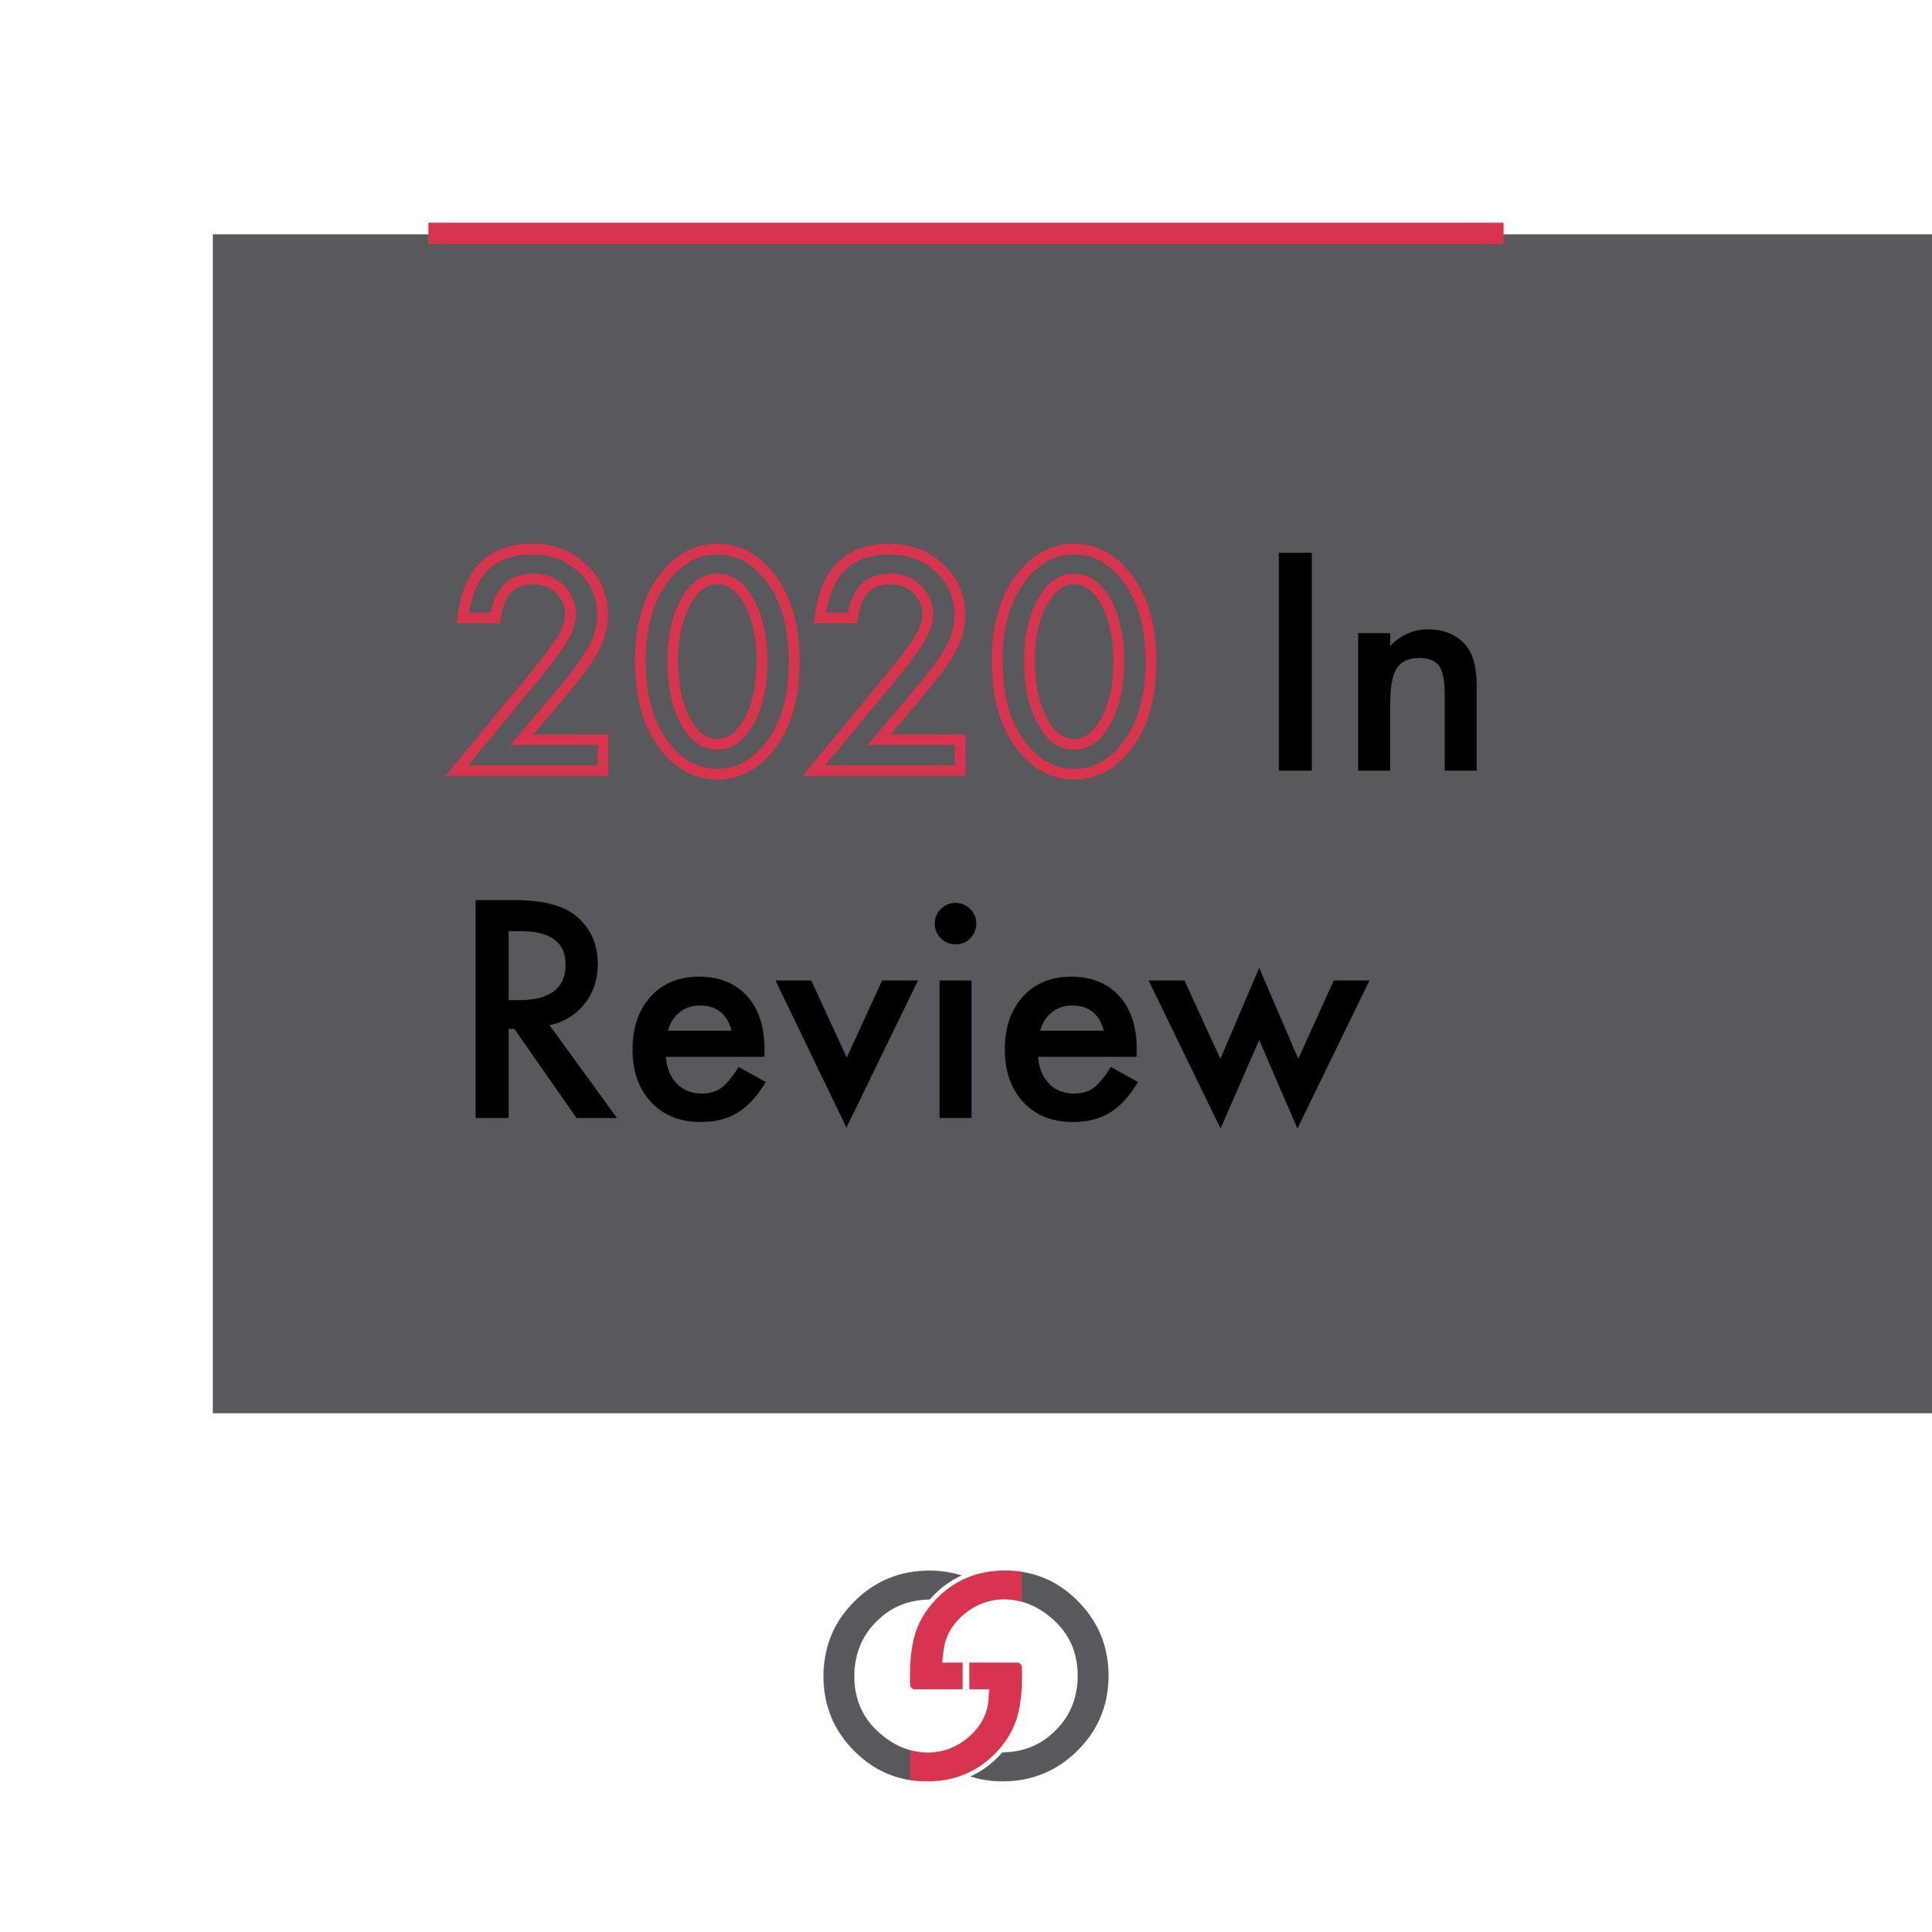 GS Group's 2020 summary!